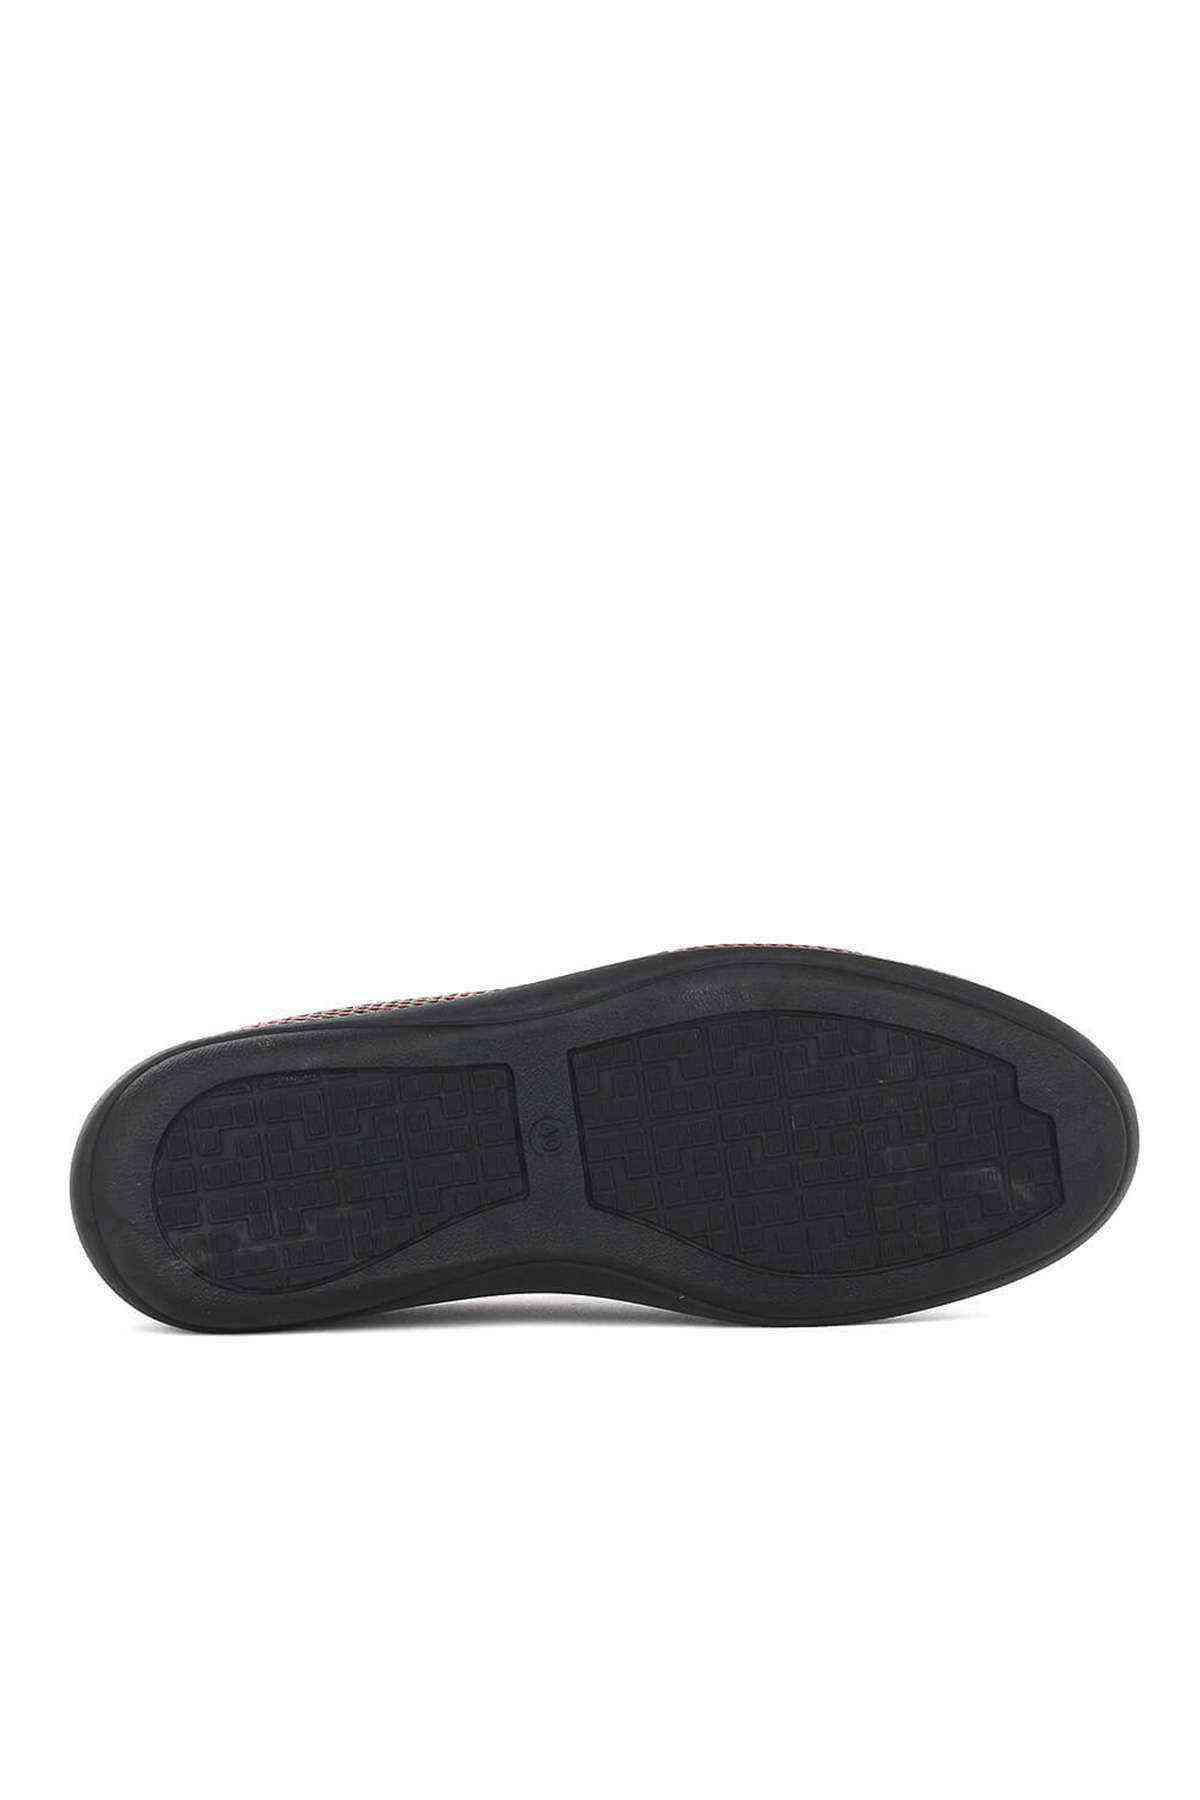 Erkek Siyah Hakiki Deri Casual Ayakkabı - Mesolite M-22